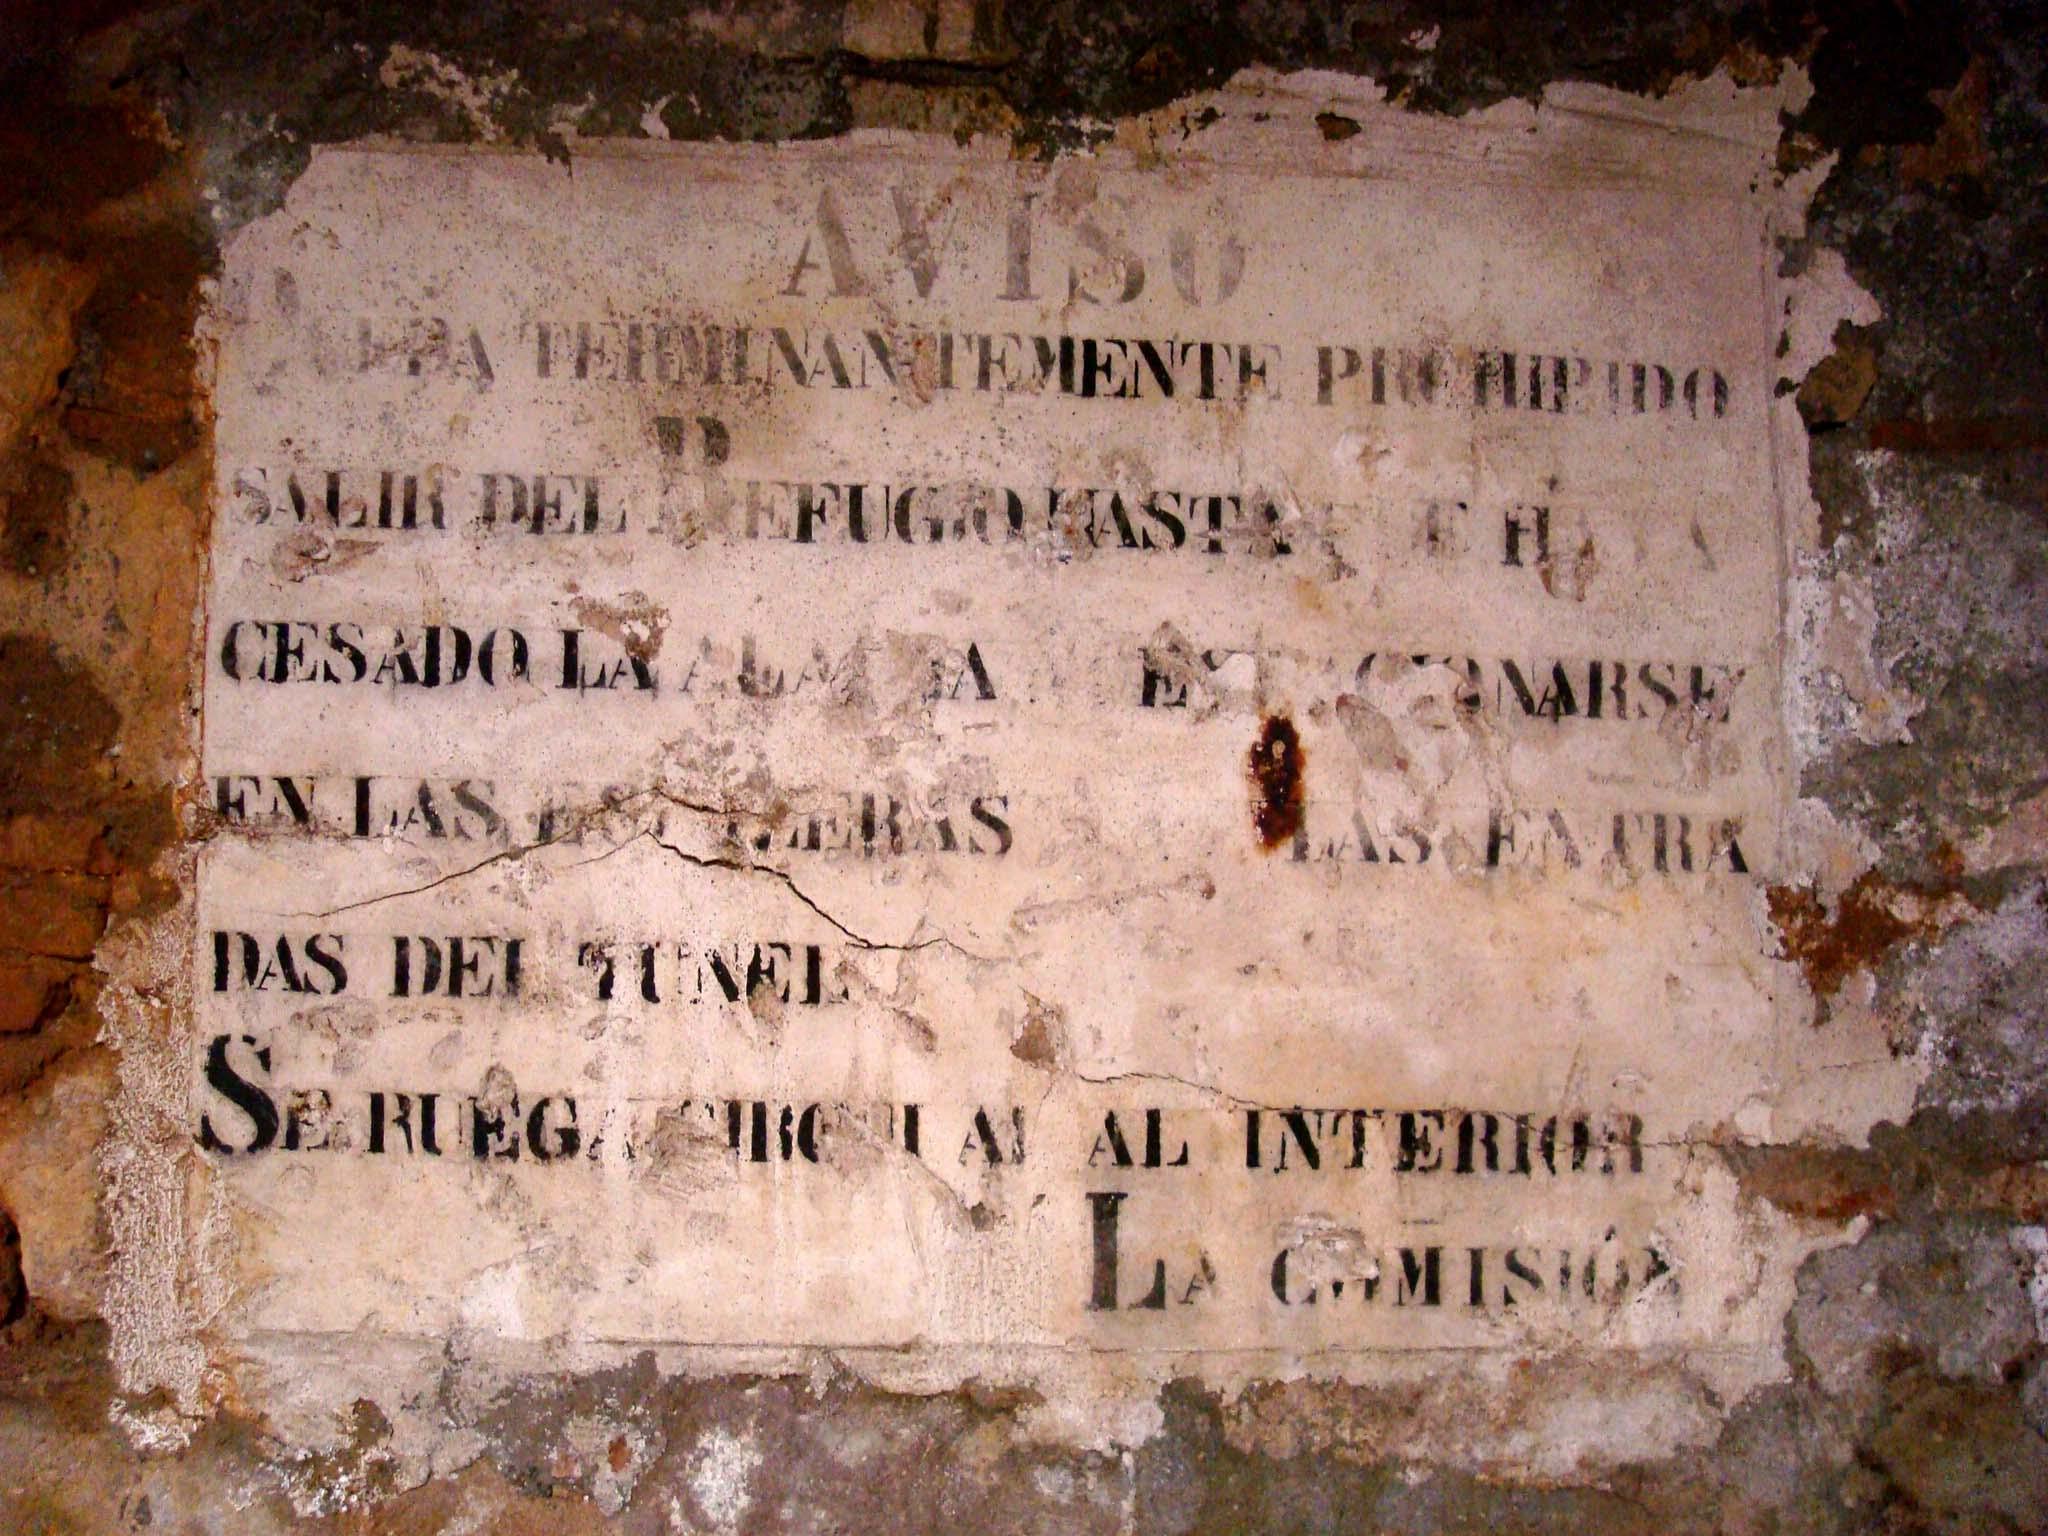 Cartell de guix amb indicacions per seguir en cas de bombardeig (Foto ÀBAC Conservació-Restauració S.L.)